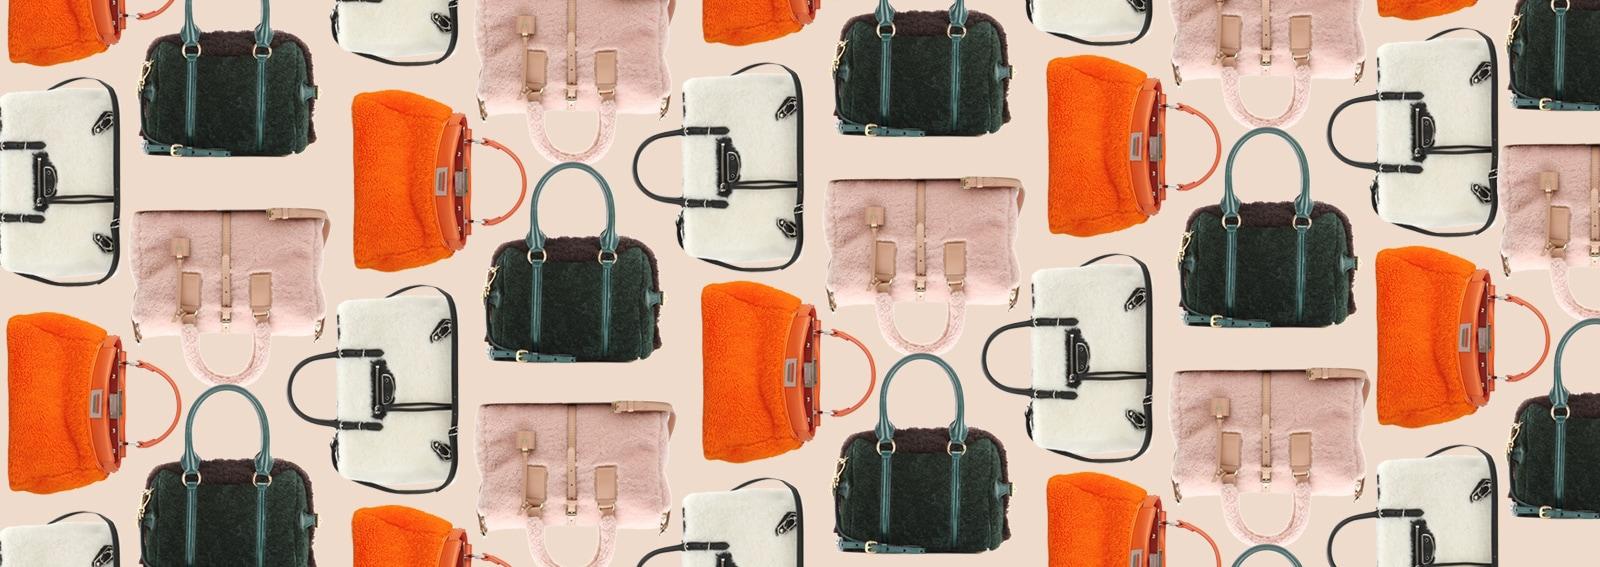 cover borse shearling inverno 2015 desktop